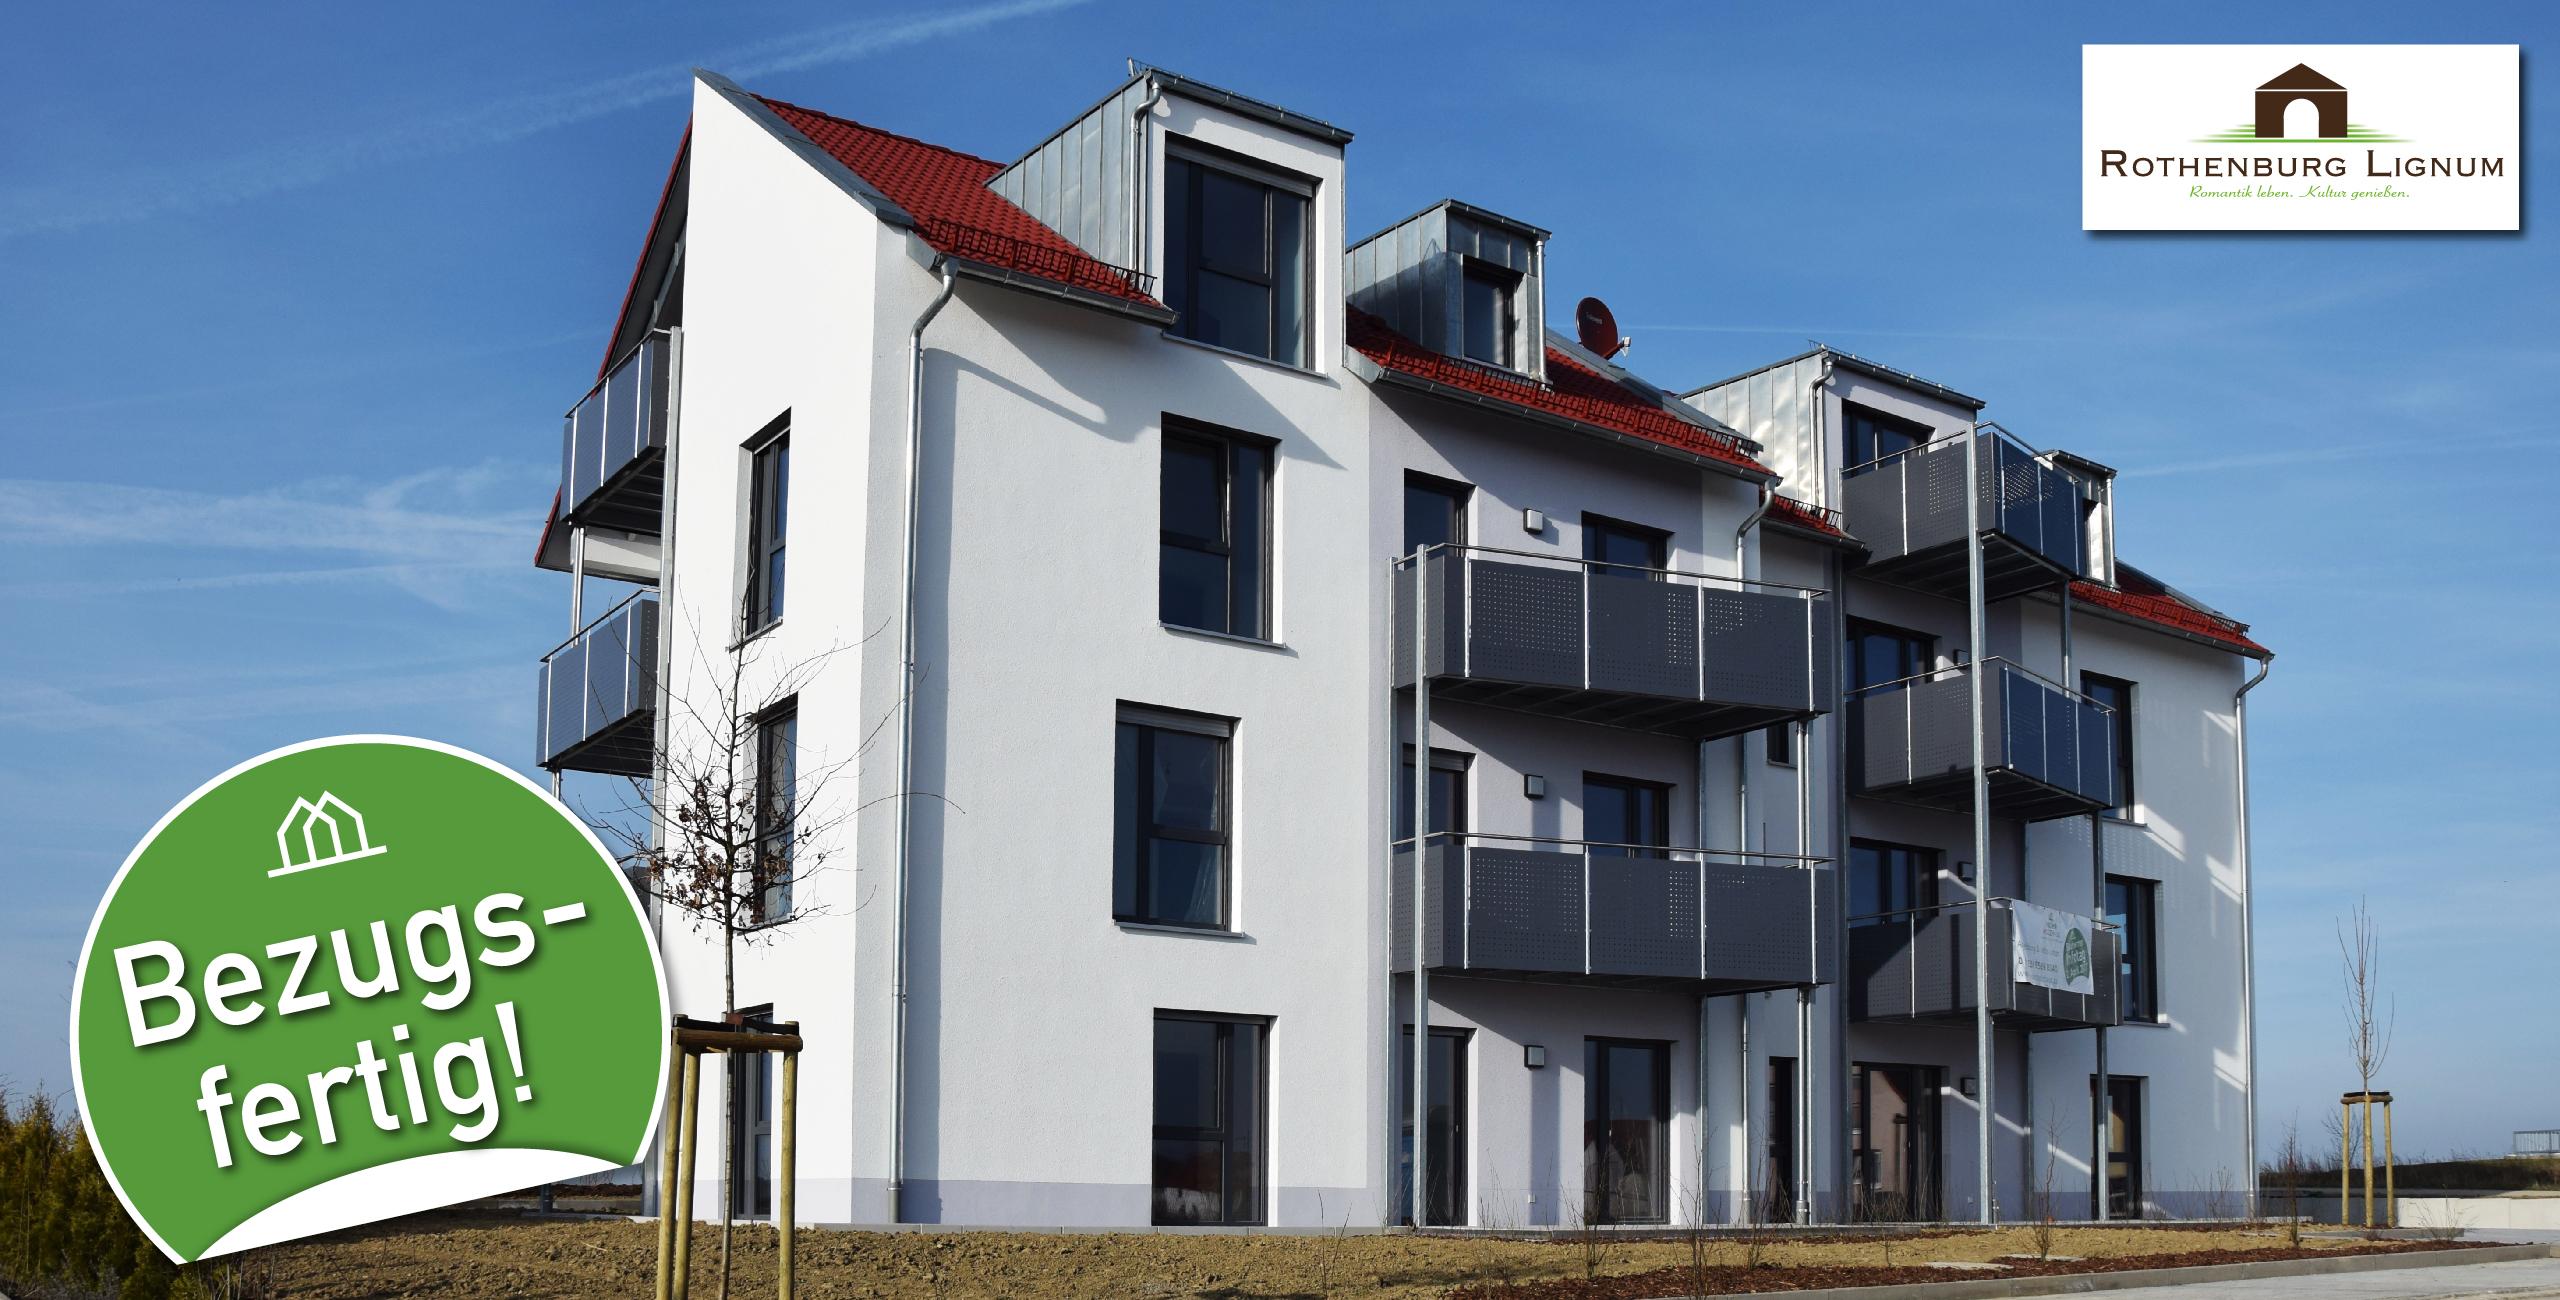 Rothenburg Lignum bezugsfertig